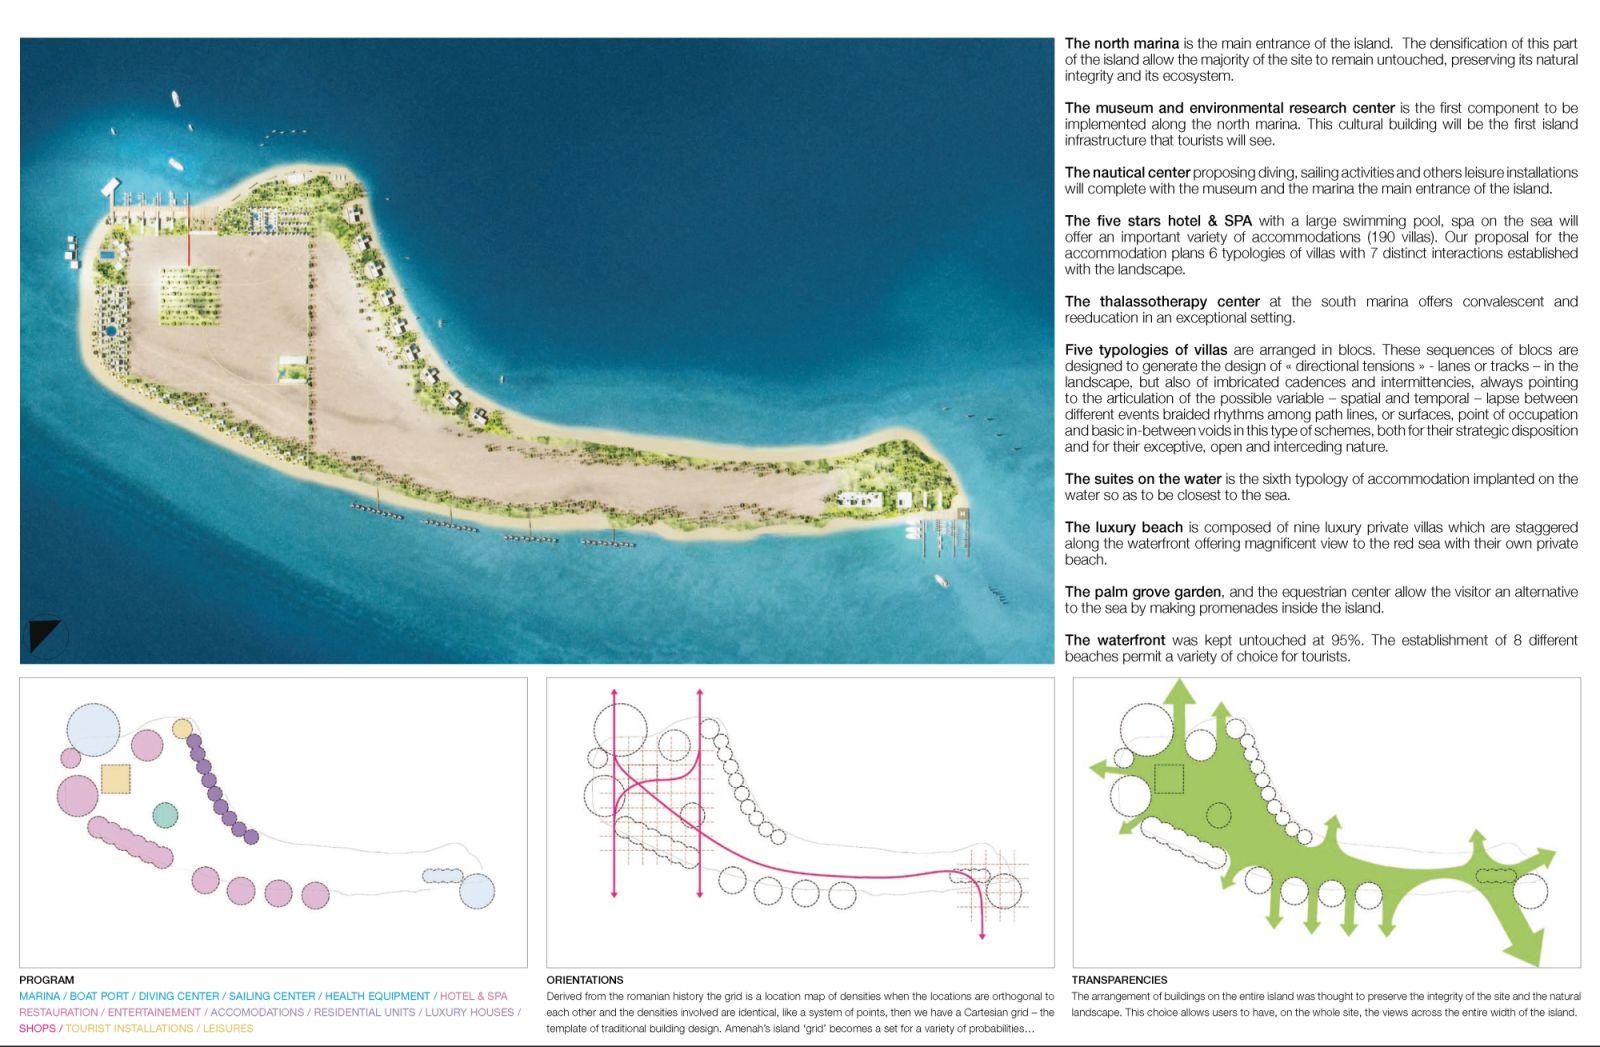 Amenah Island